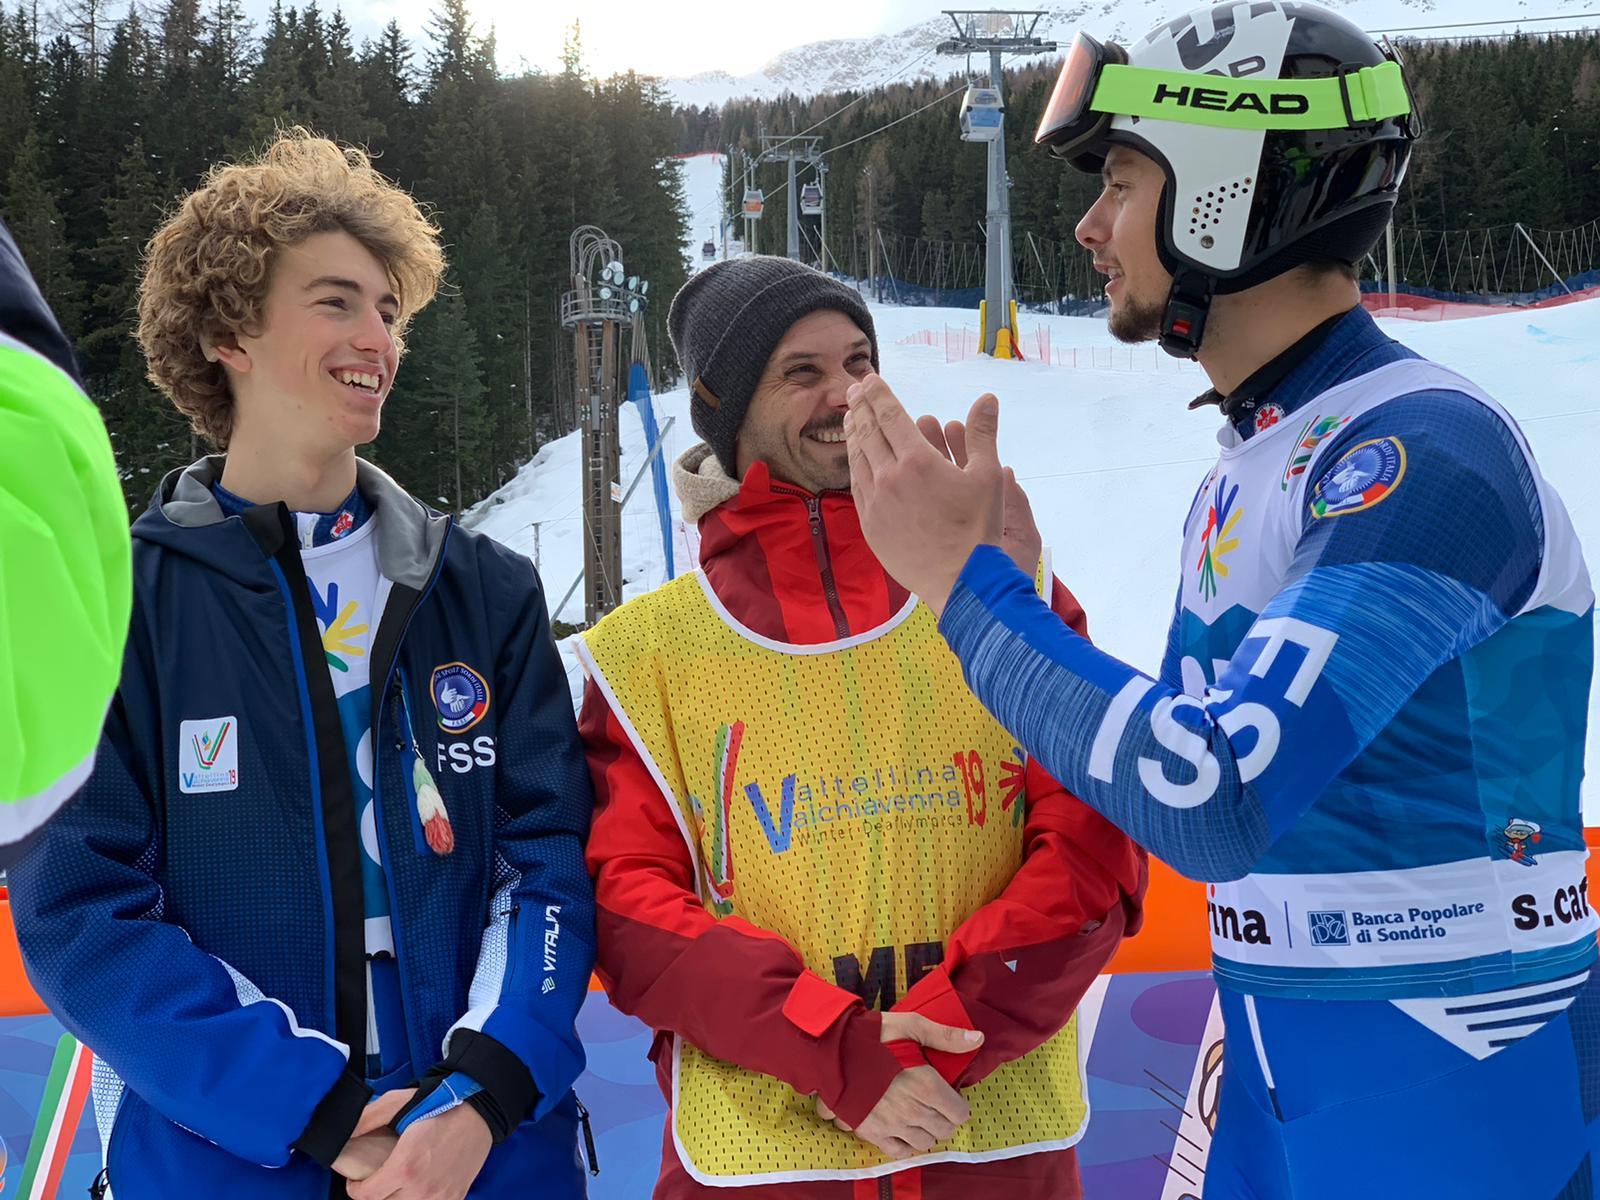 Lo sciatore azzurro Giacomo Pierbon conquista la 4° medaglia d'oro